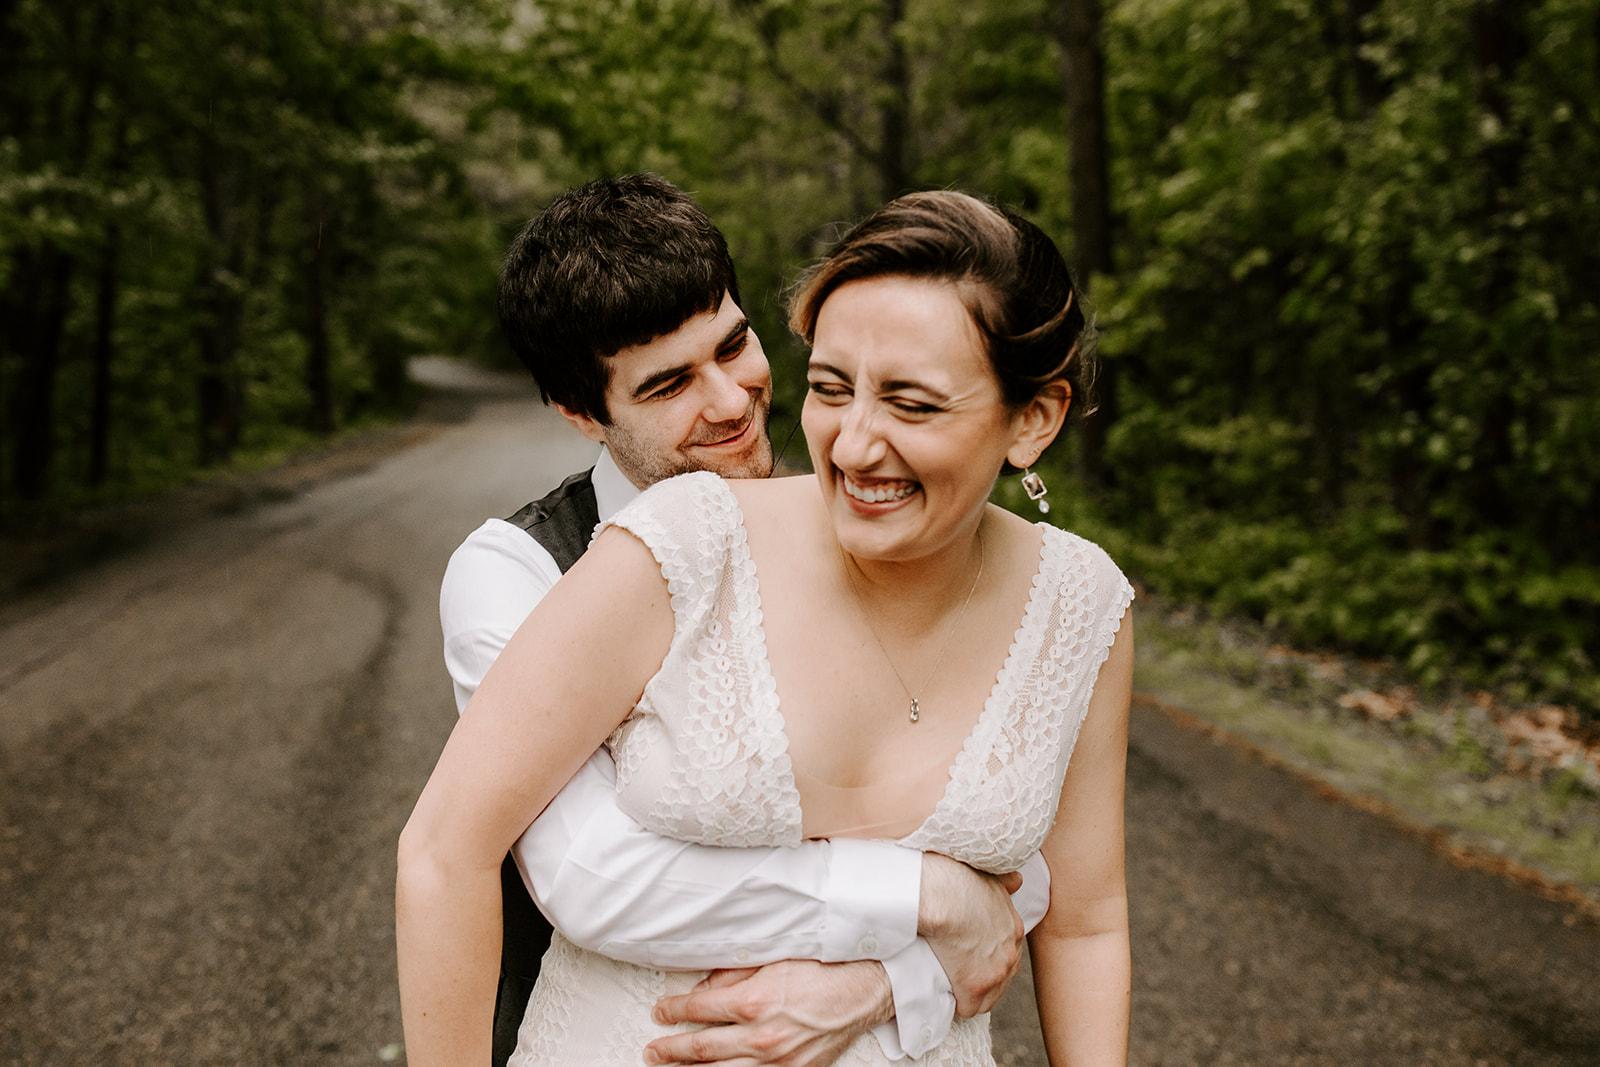 2019-06-01-00-Lindsey+Mat-04_Couples_Portraits-meandhimphoto-0027-T5D18252.jpg